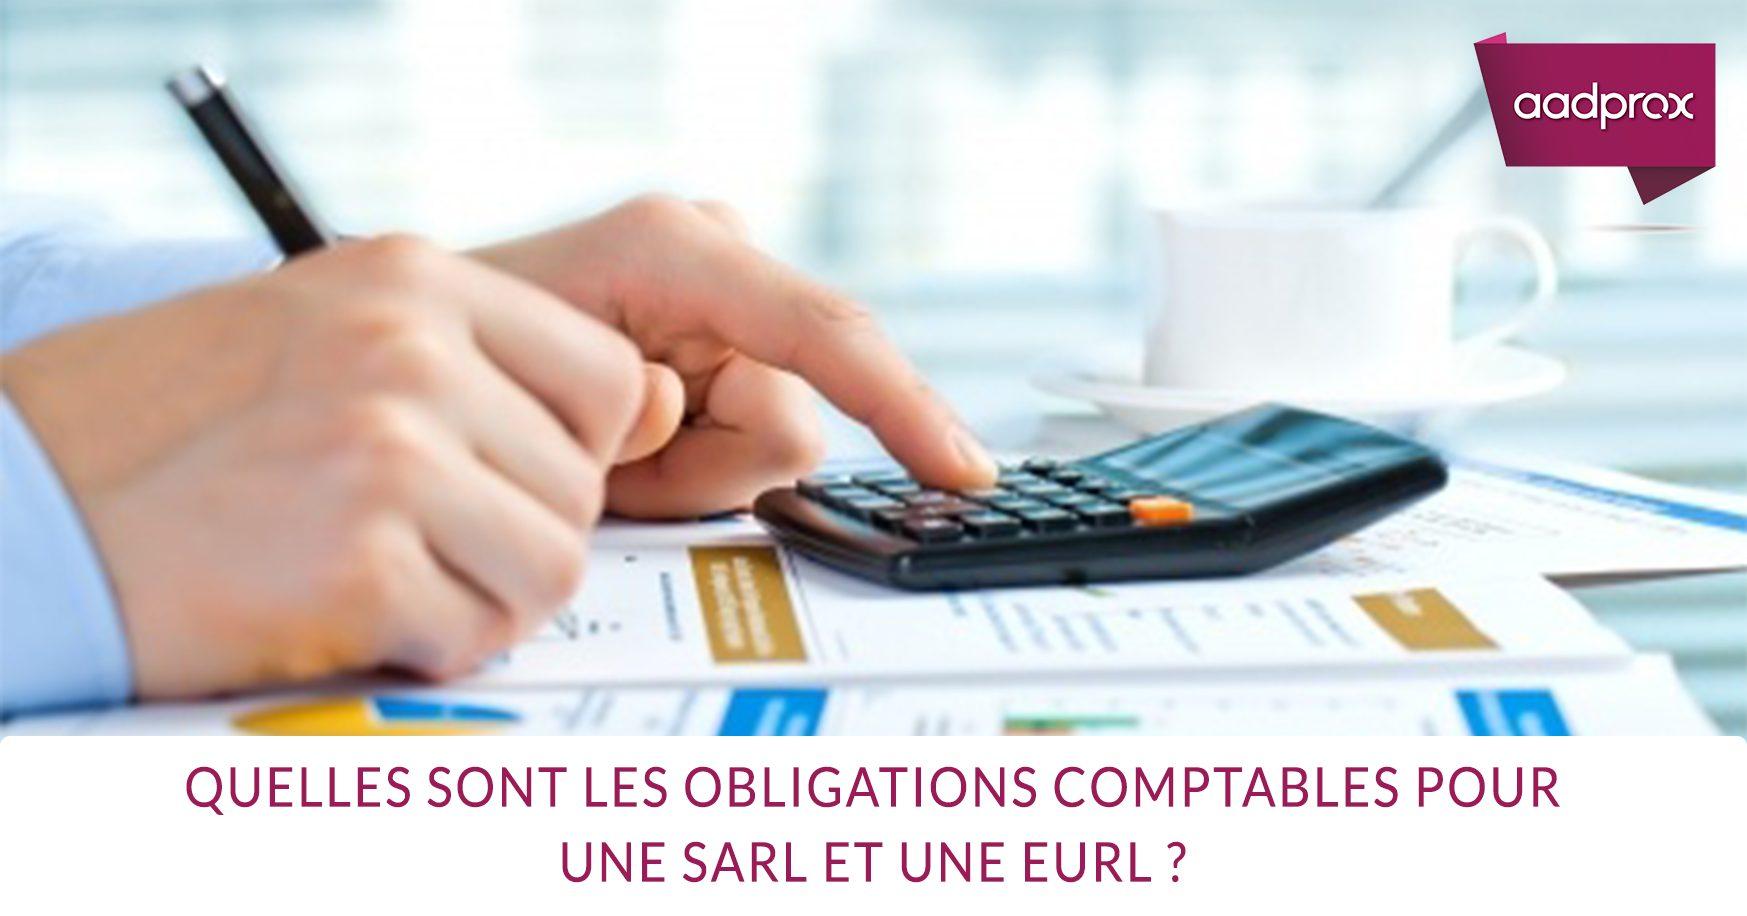 Quelles sont les obligations comptables pour une SARL et une EURL ?